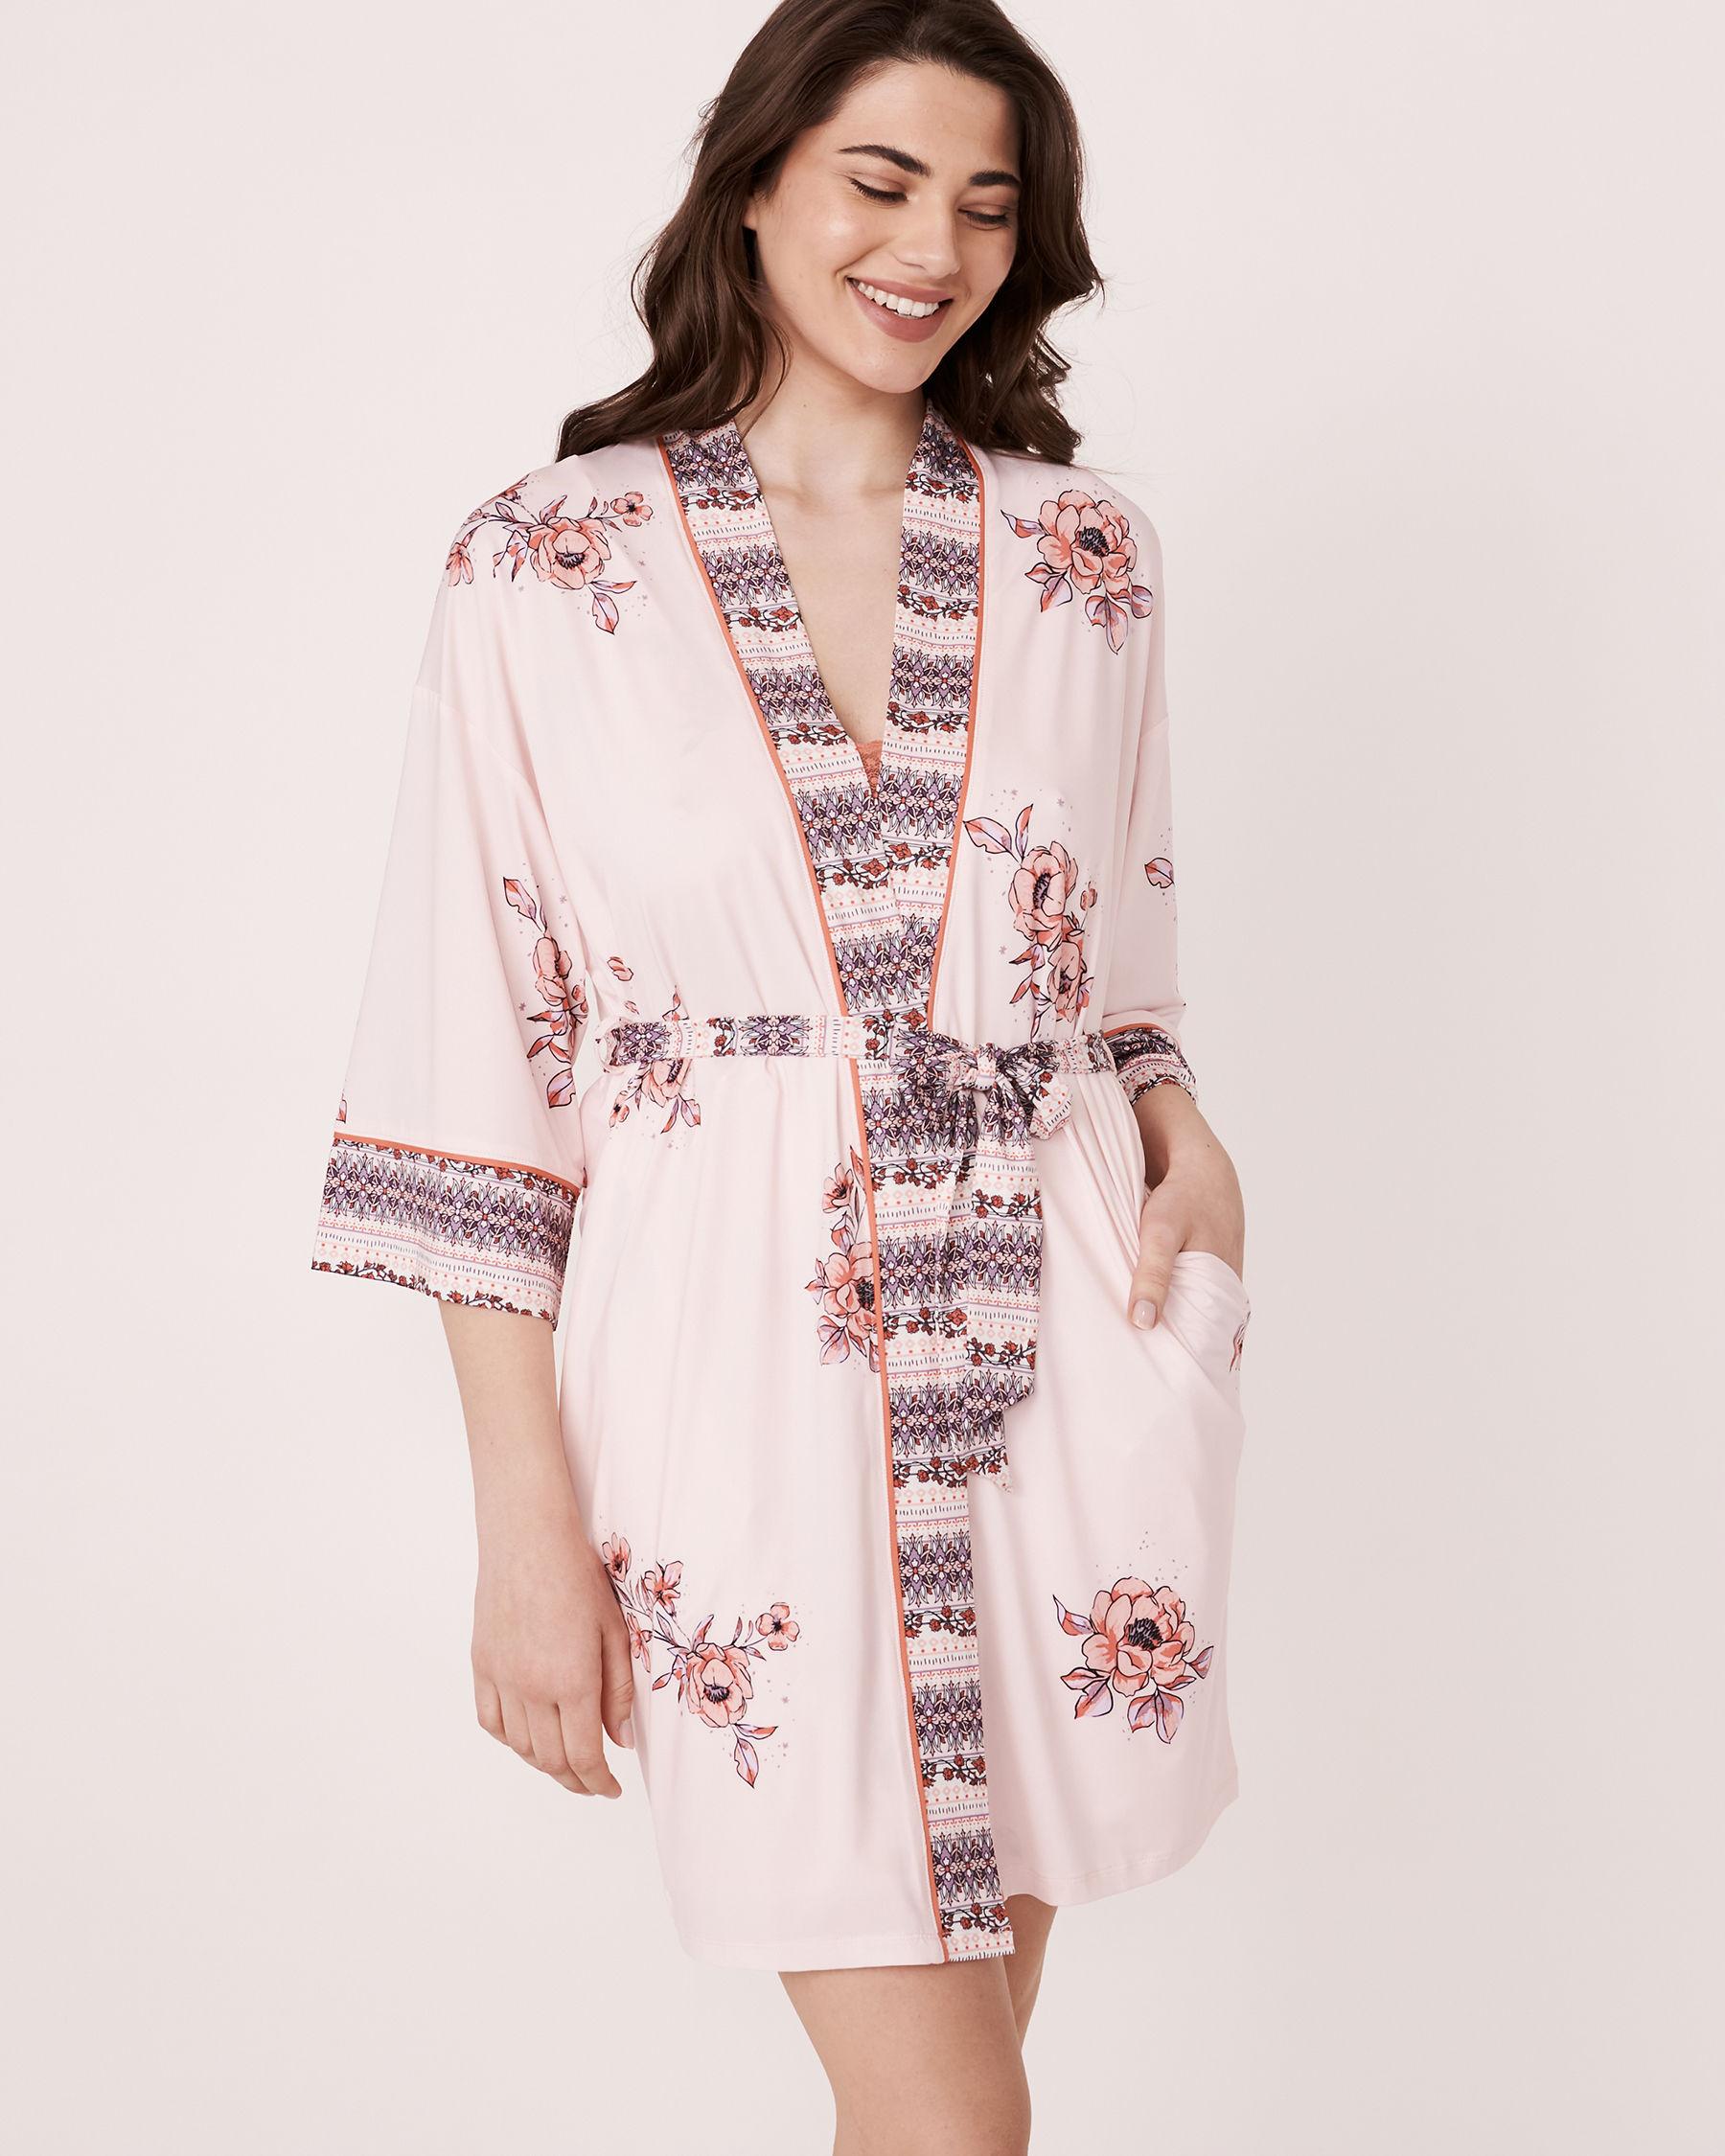 LA VIE EN ROSE Recycled Fibers Kimono Floral print 40600011 - View1